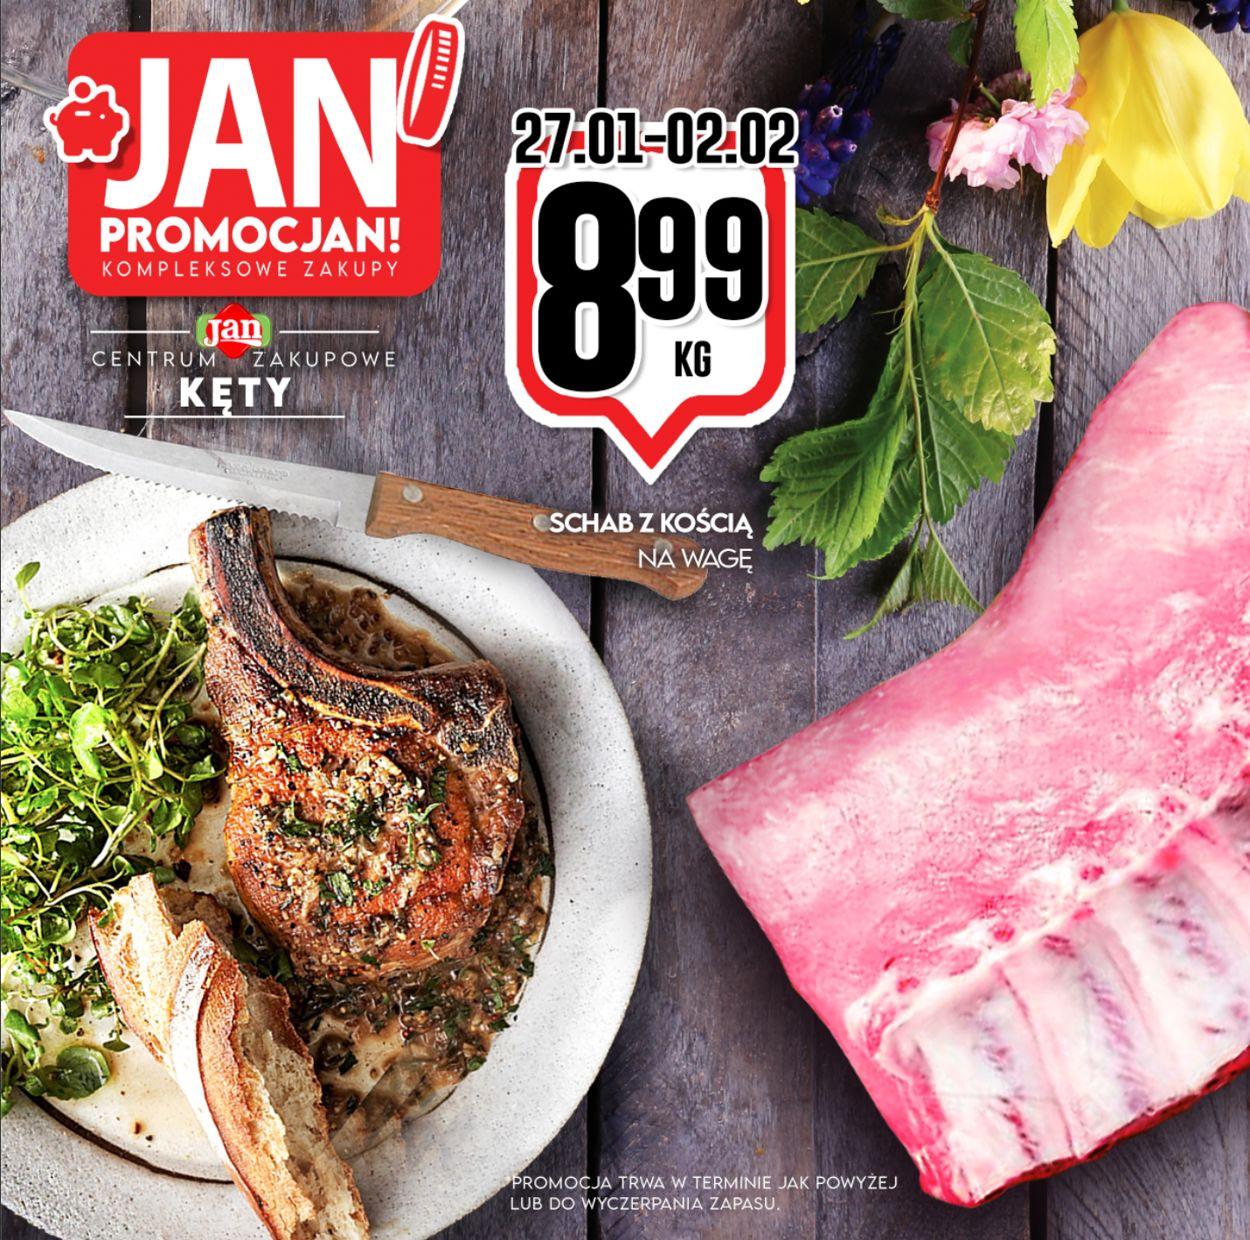 Gazetka promocyjna Market Jan - 27.01-02.02.2021